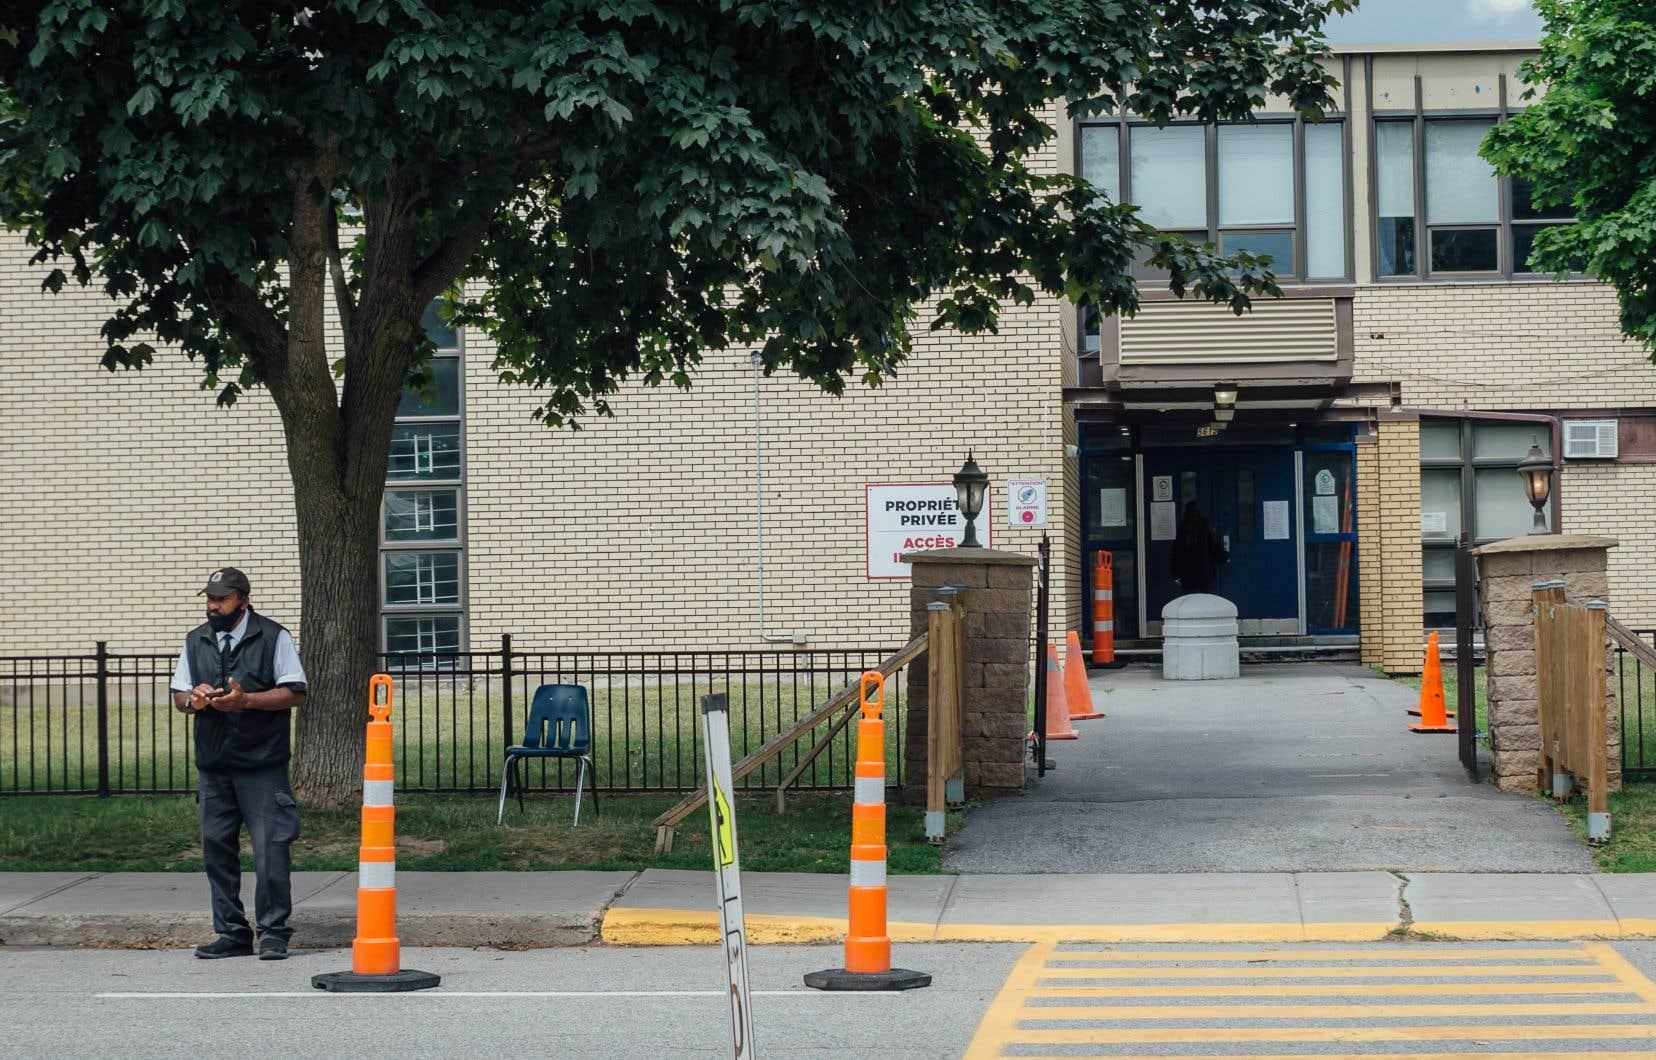 Pour réduire l'inquiétude dans la communauté, plus d'agents de sécurité ont été déployés devant les écoles juives de Montréal dans les dernières semaines.